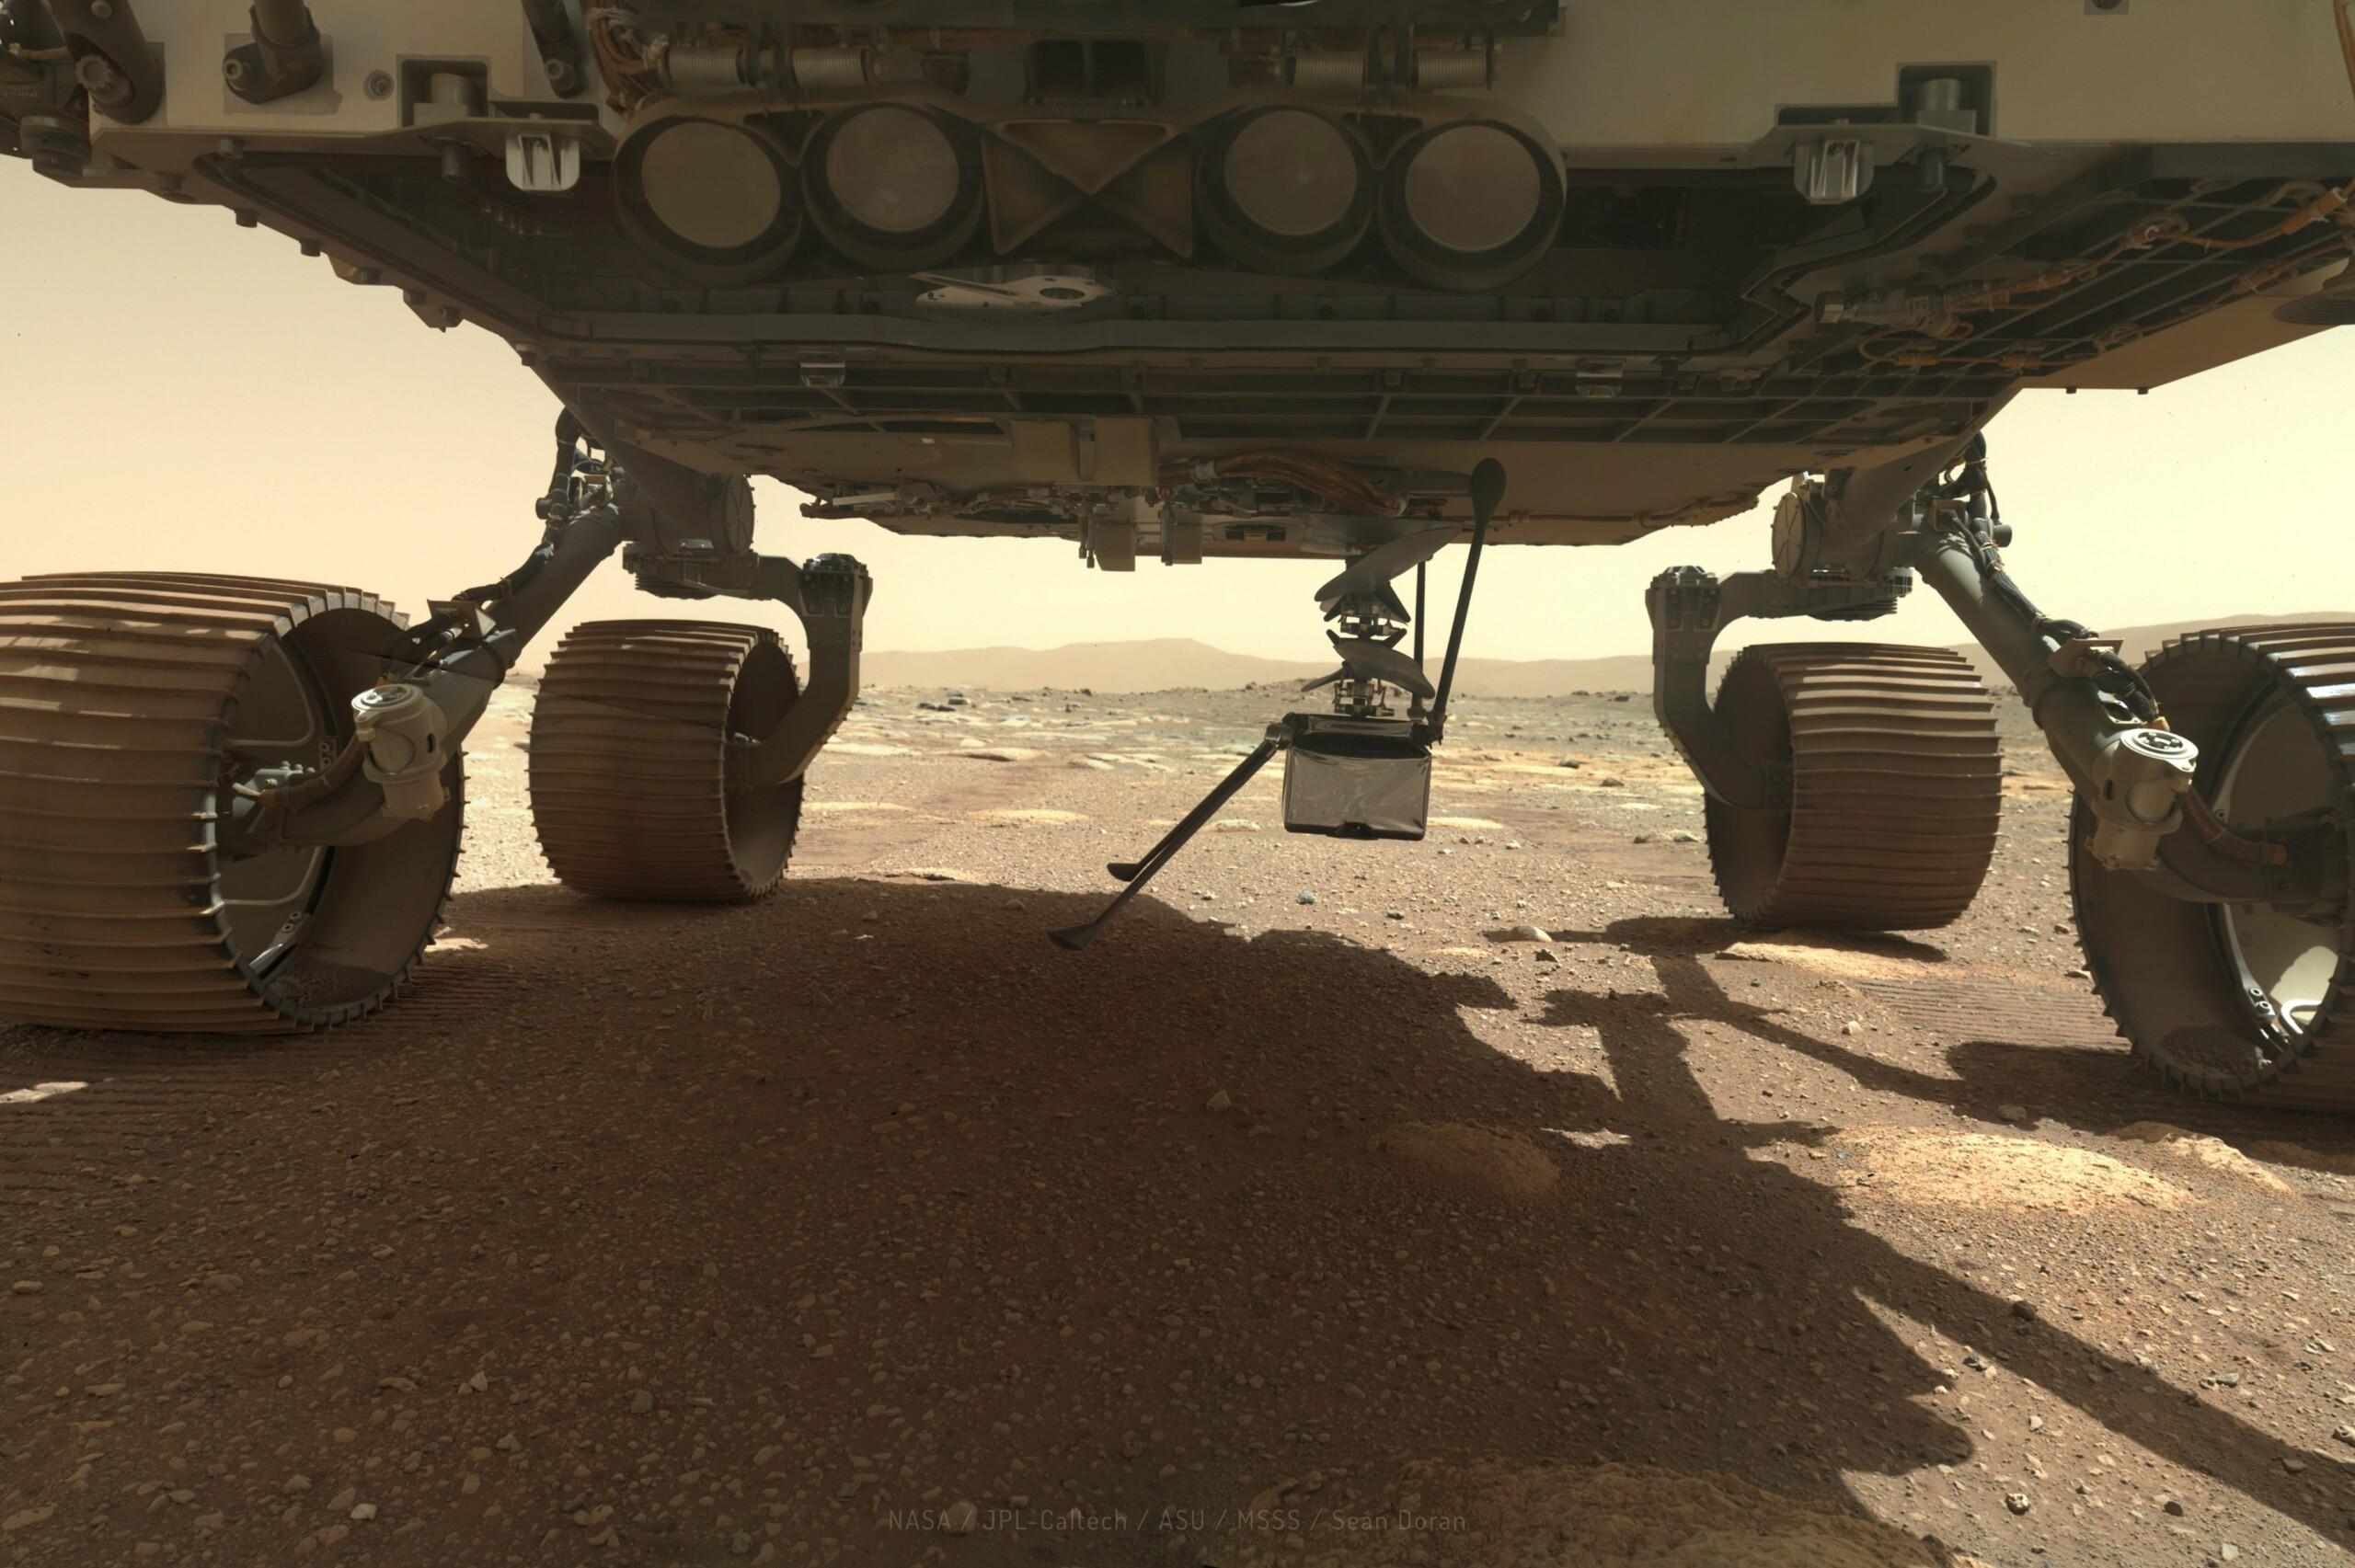 Mars 2020 (Perseverance) : exploration du cratère Jezero - Page 7 11870